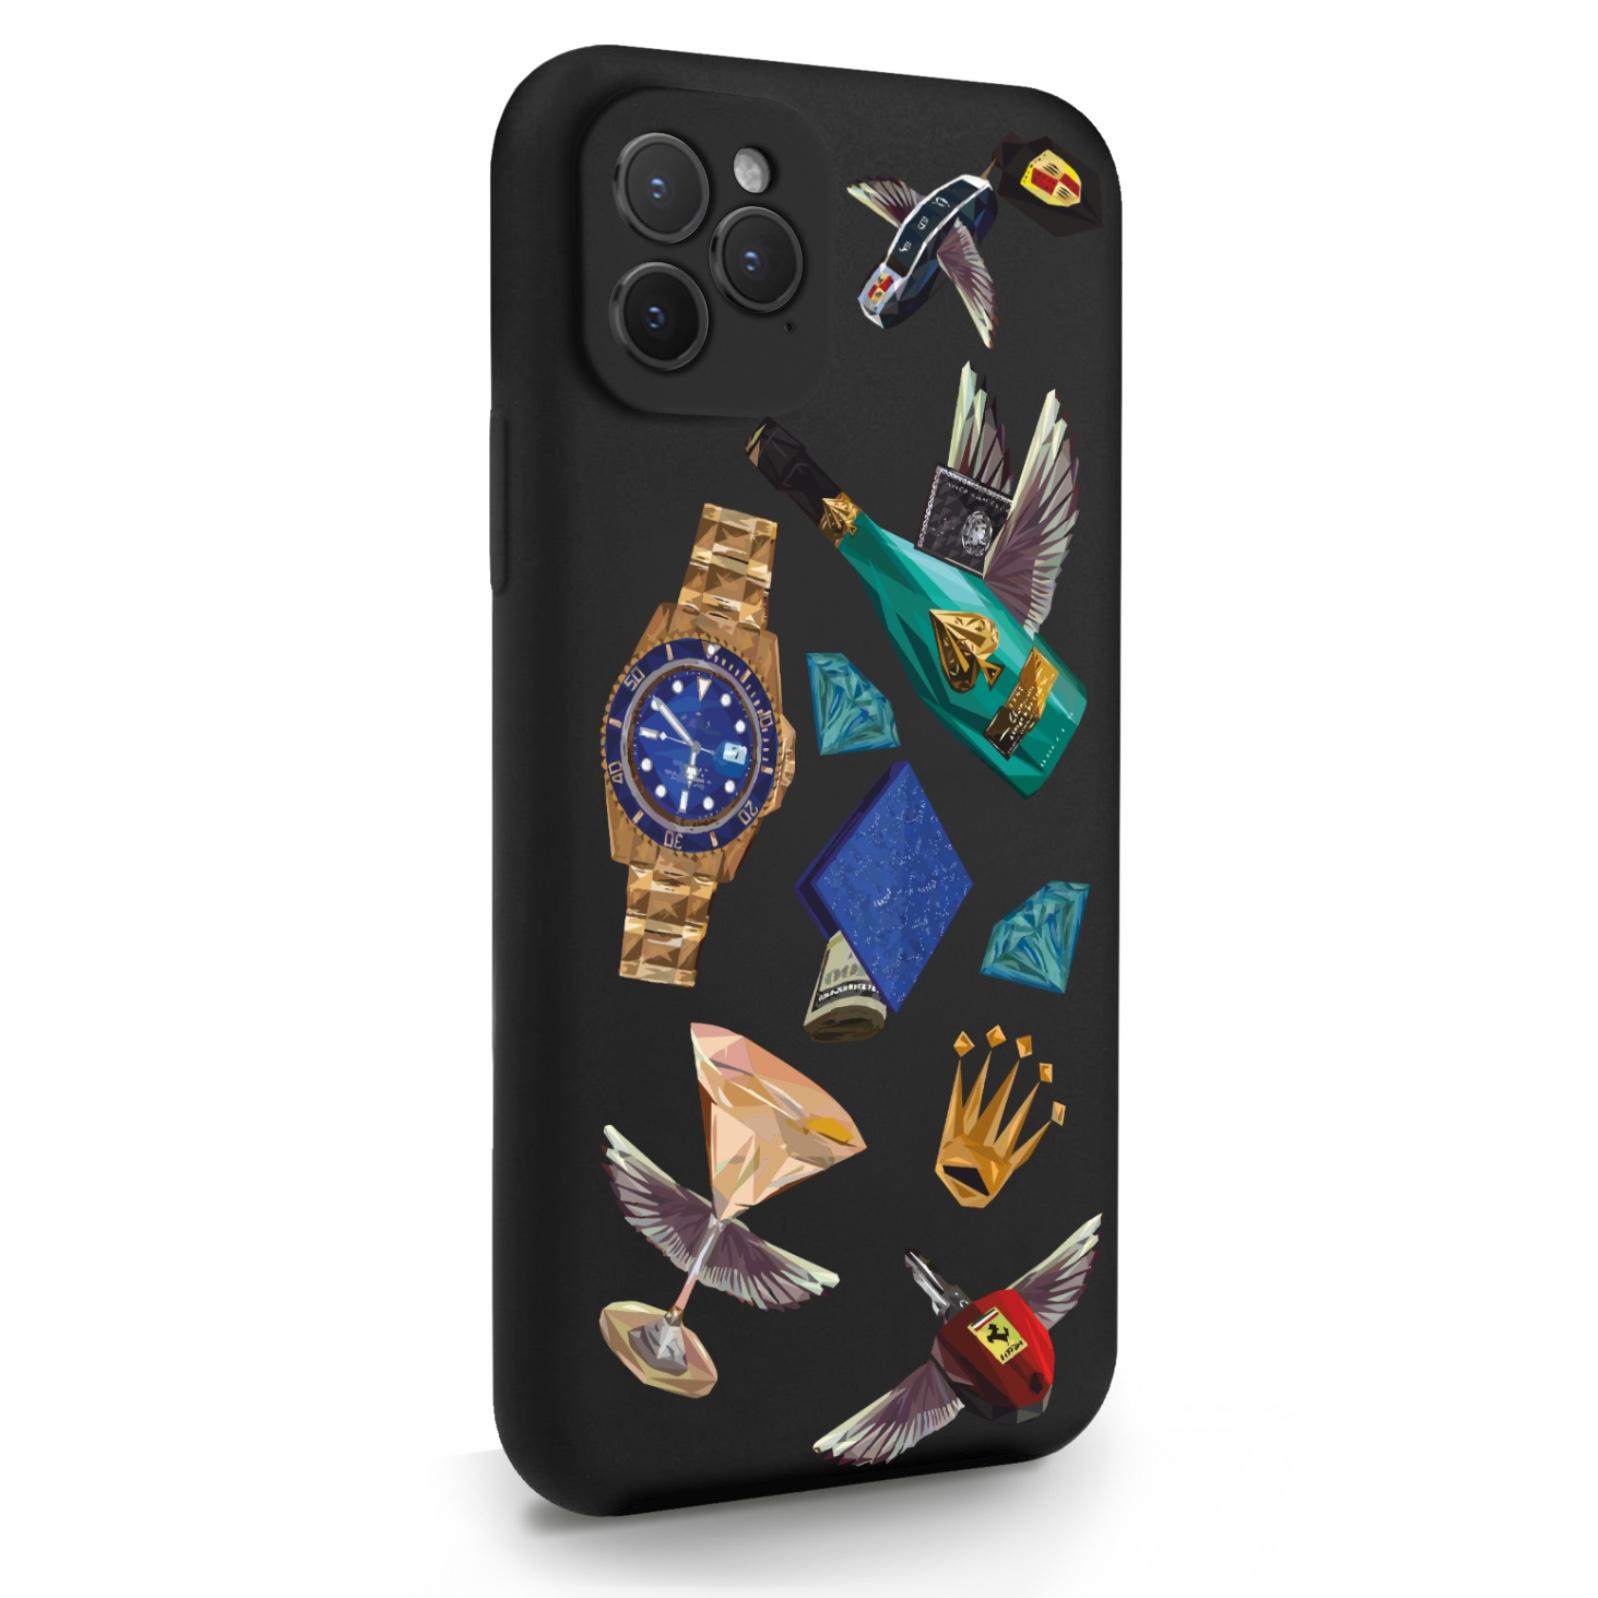 Черный силиконовый чехол для iPhone 11 Pro Luxury lifestyle для Айфон 11 Про